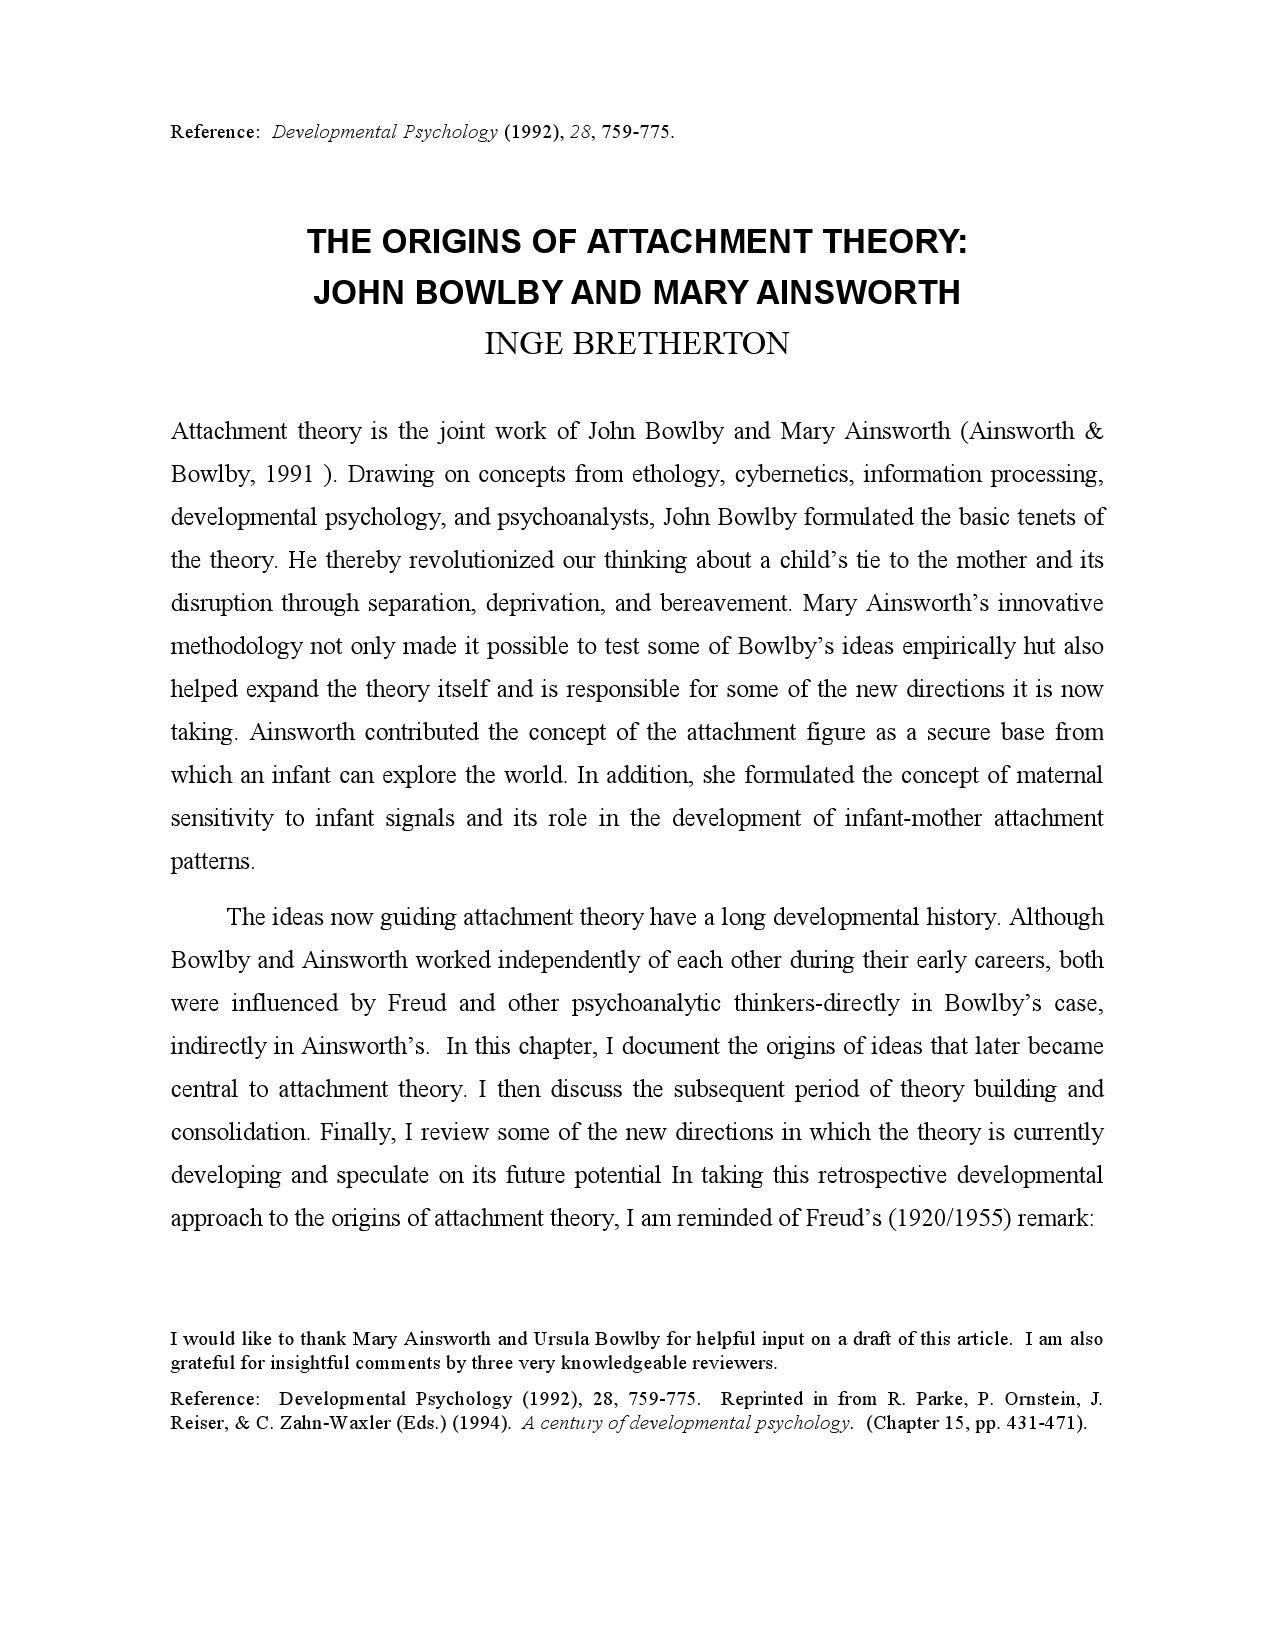 mary ainsworth theory